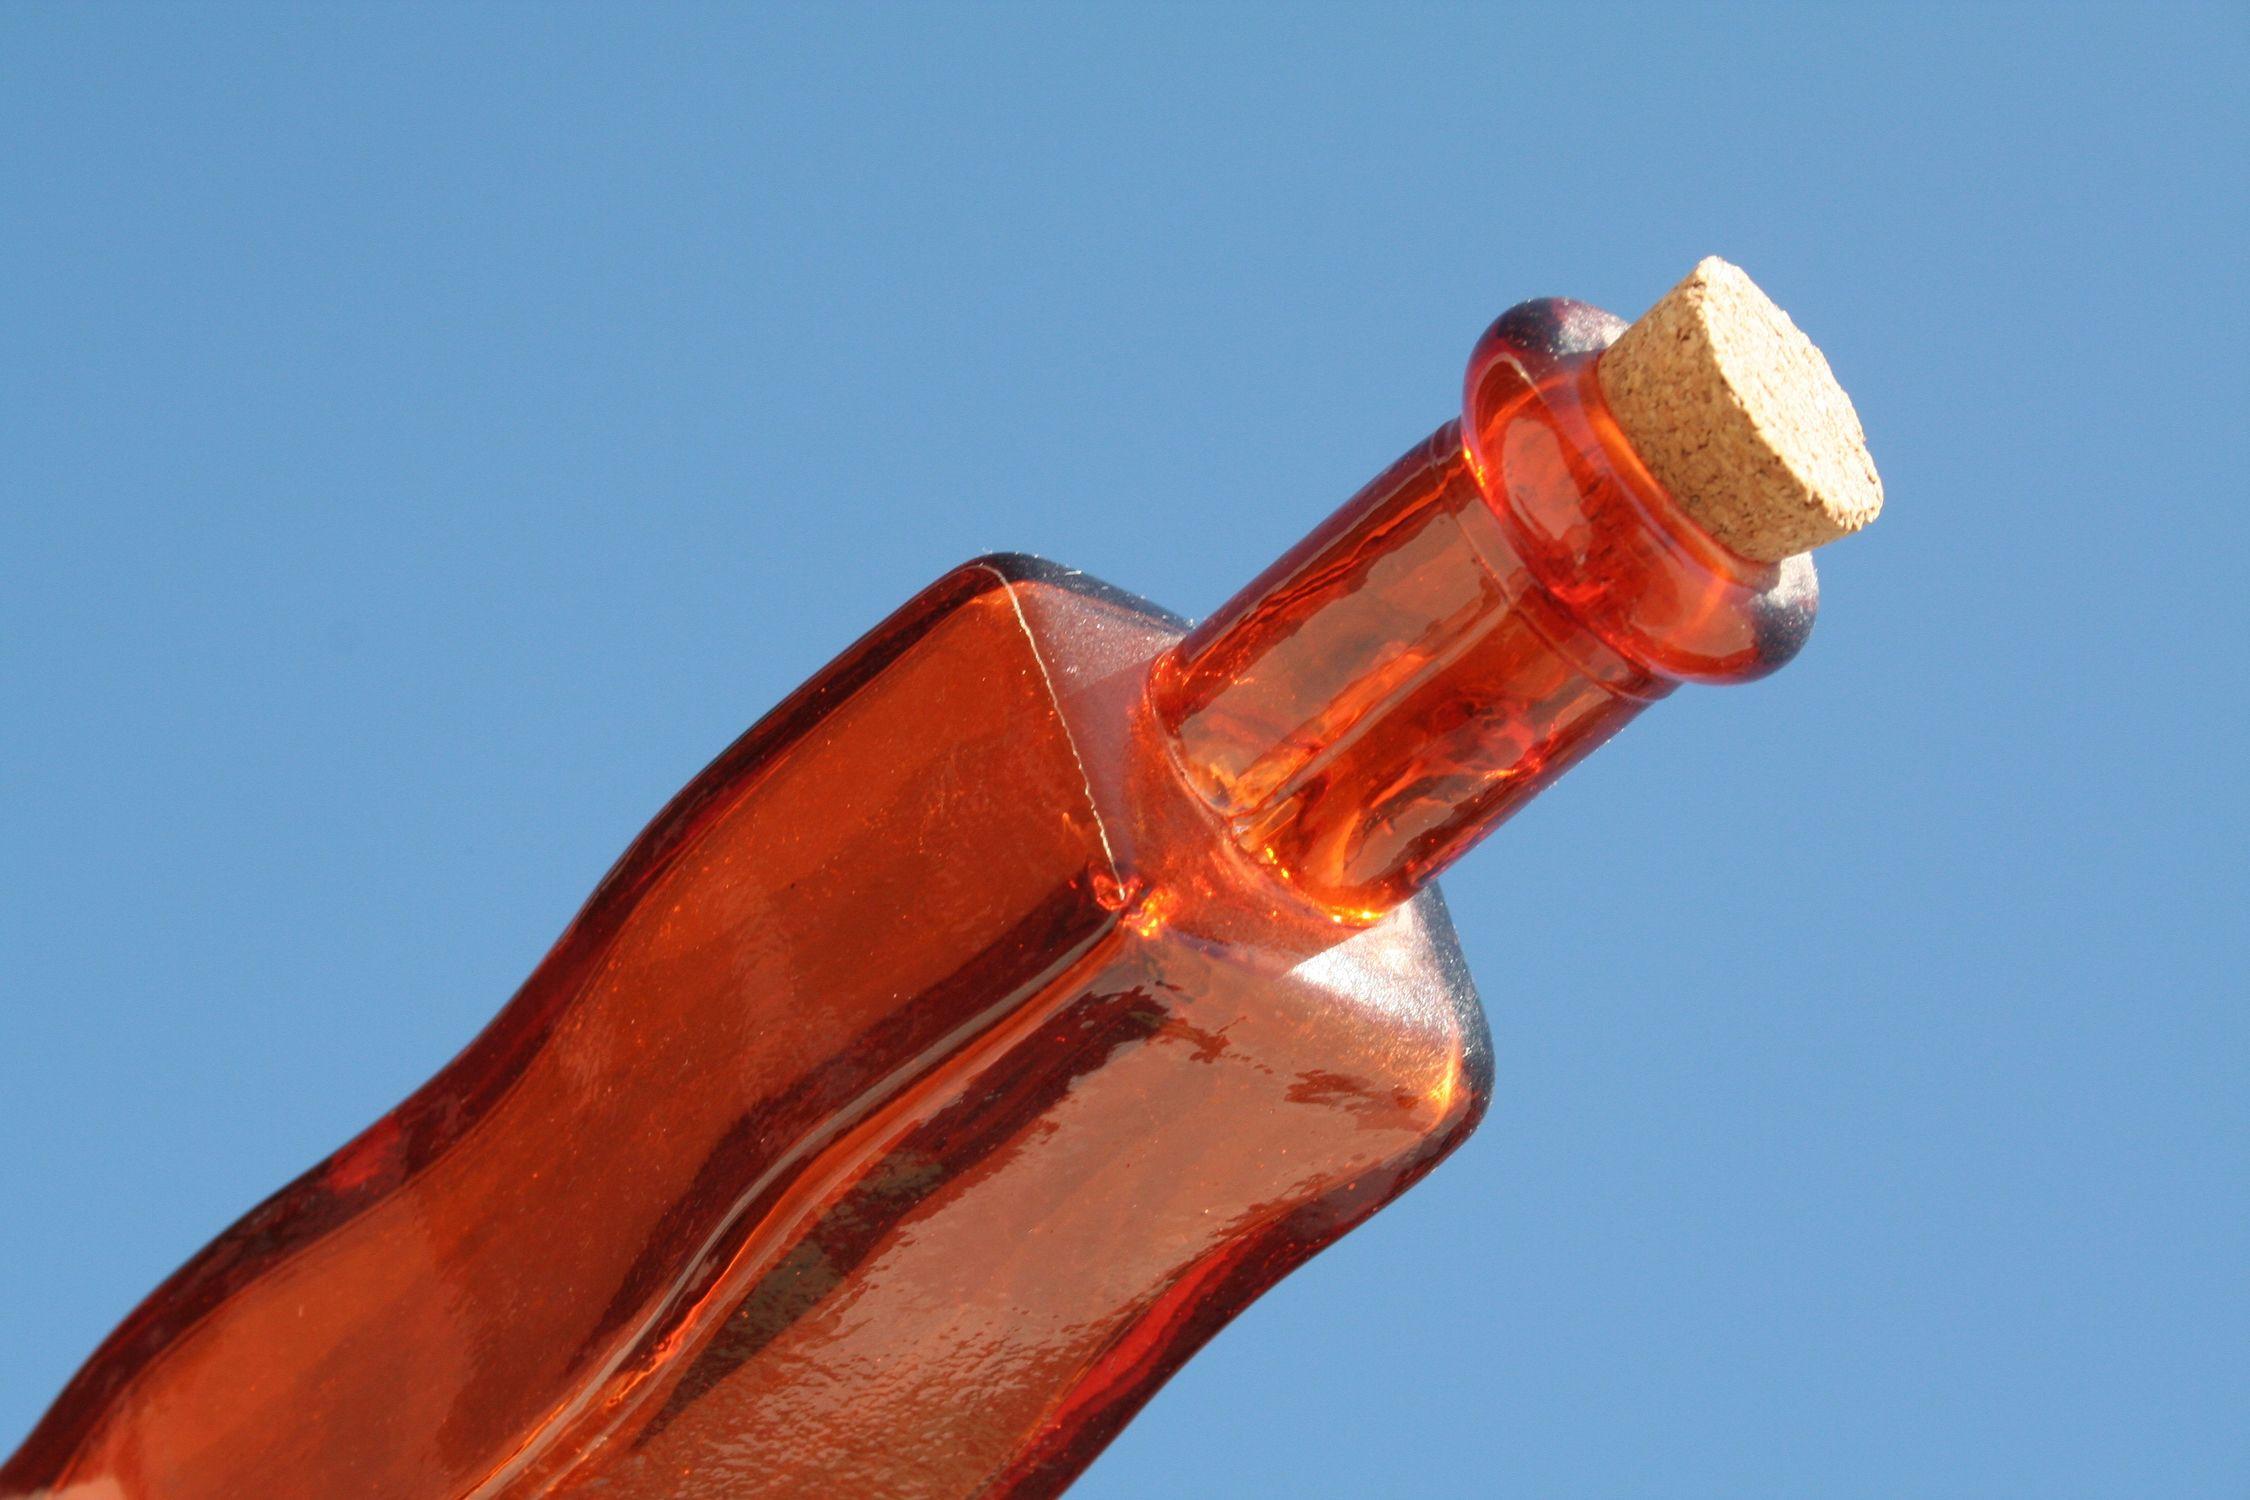 Bild mit Gegenstände, Lebensmittel, Trinken, Flaschen, Flasche, Bottle